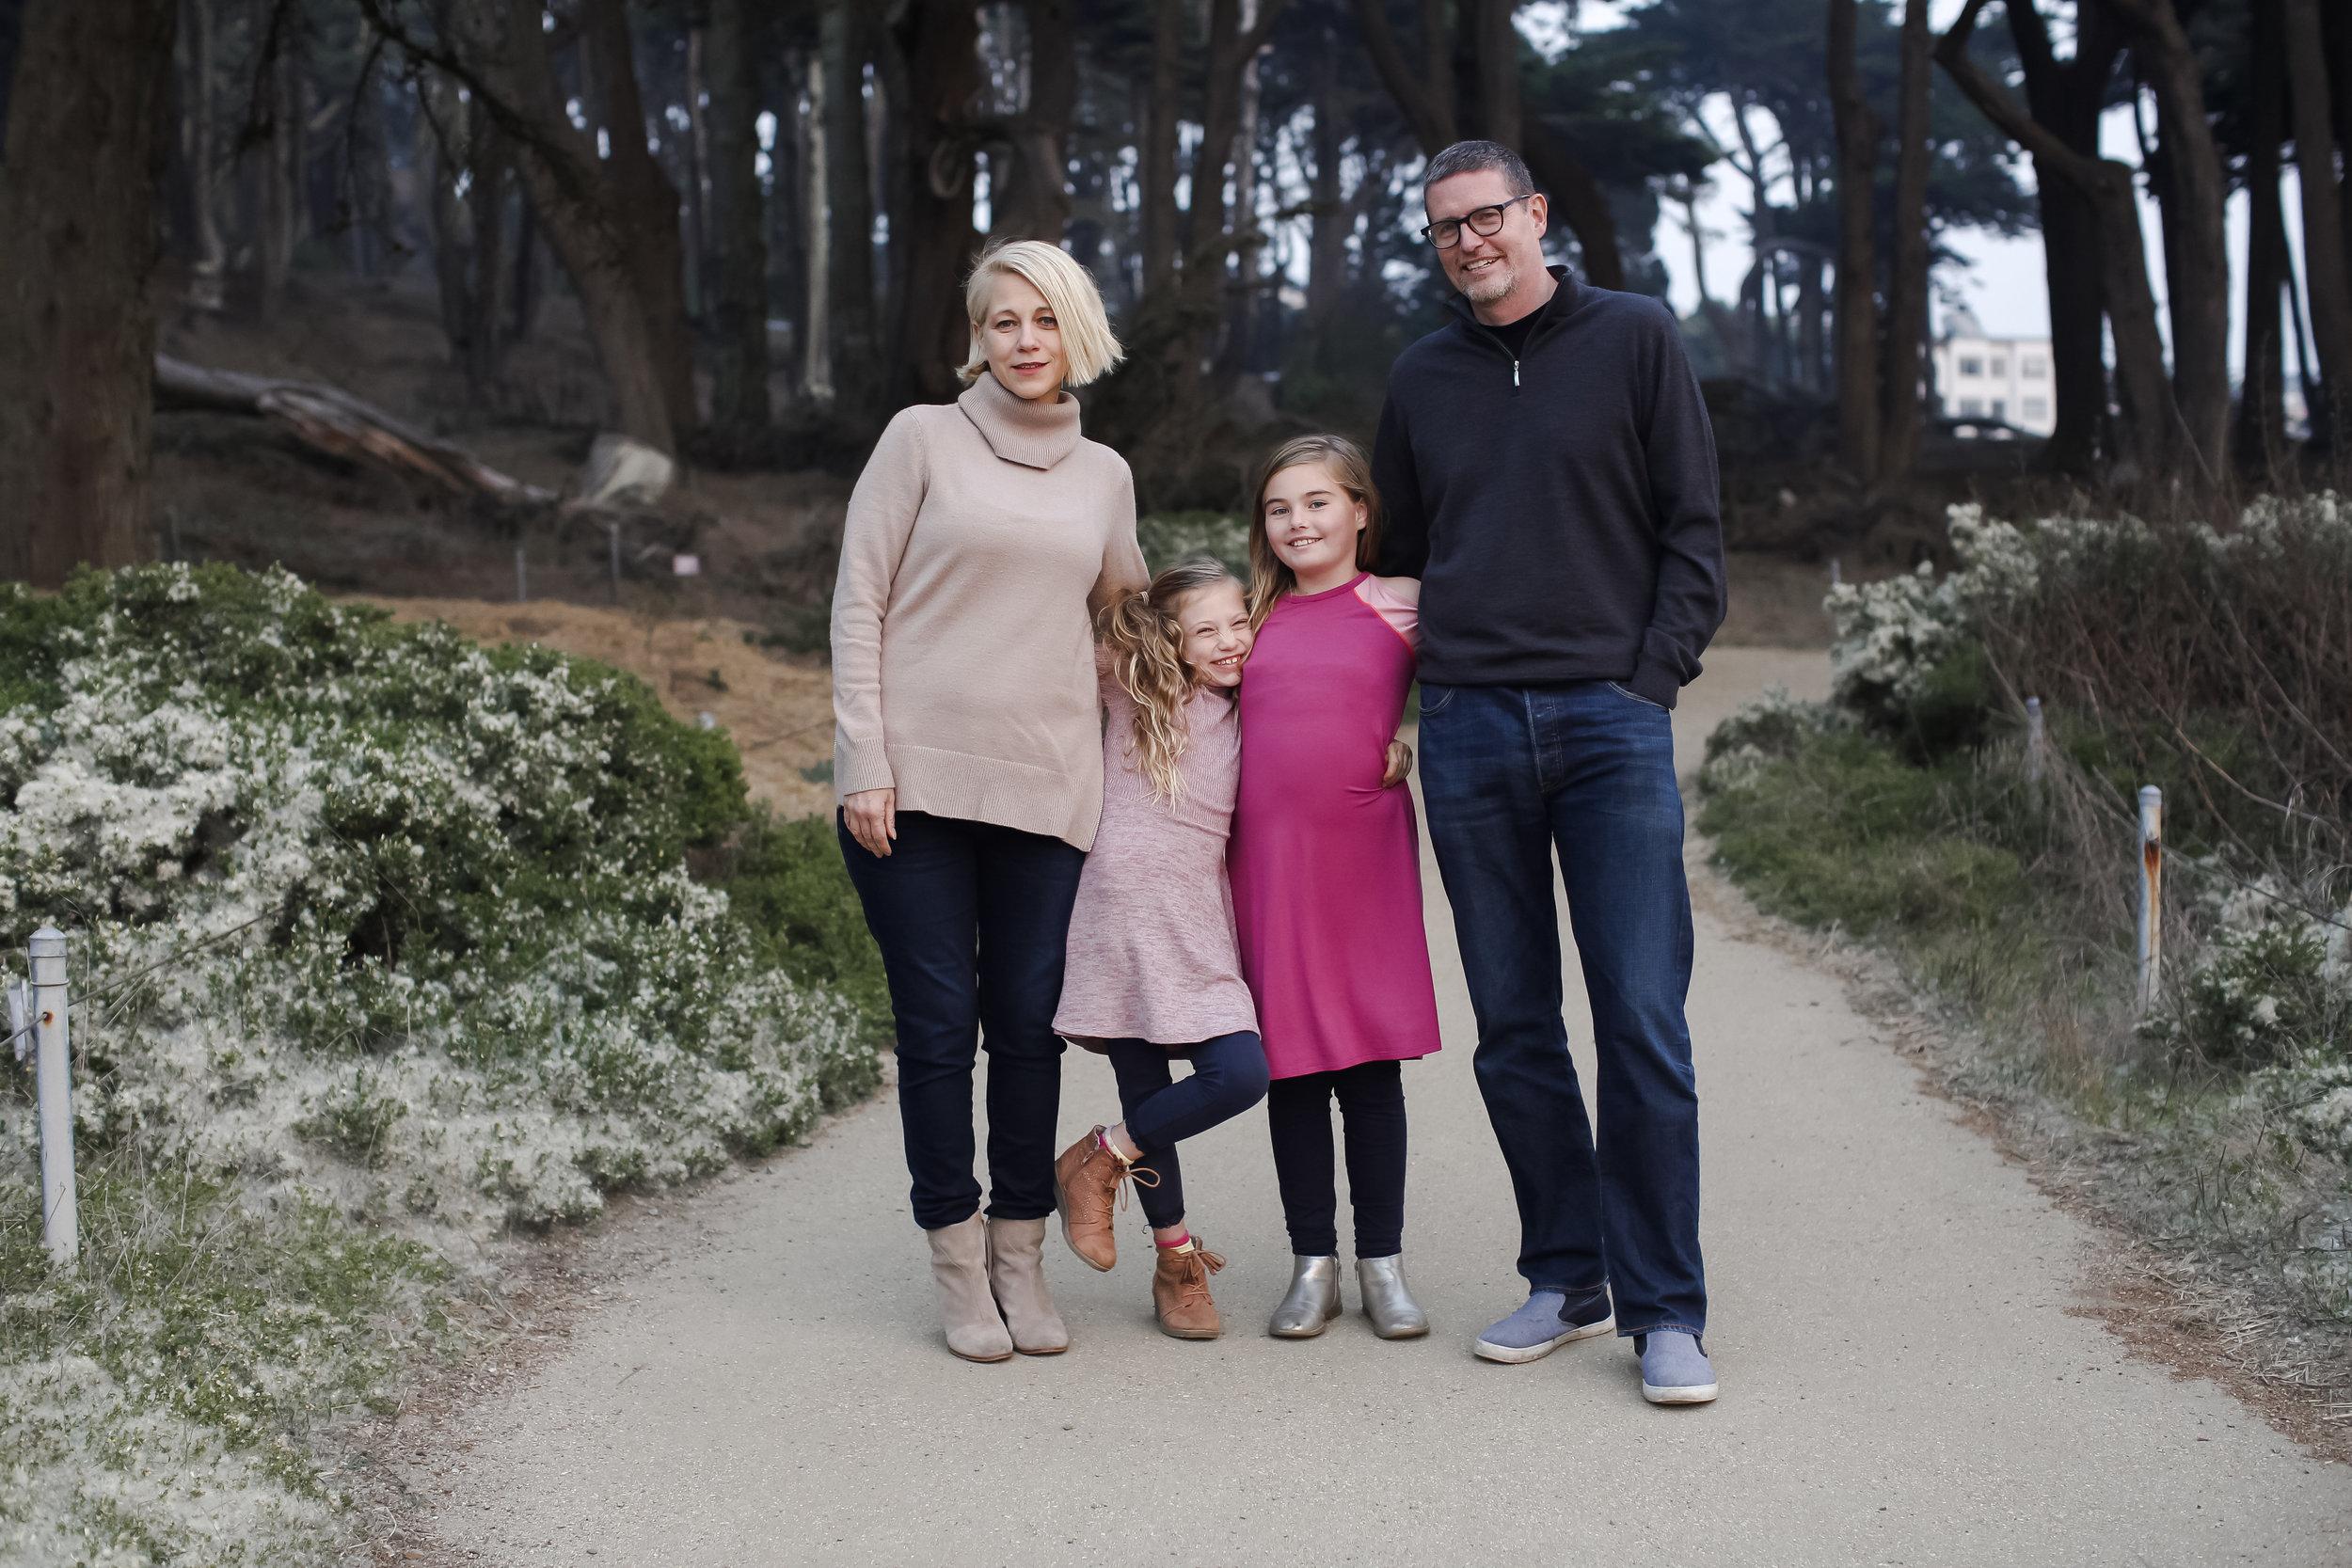 hierbaumfamily-ahp-00045.jpg